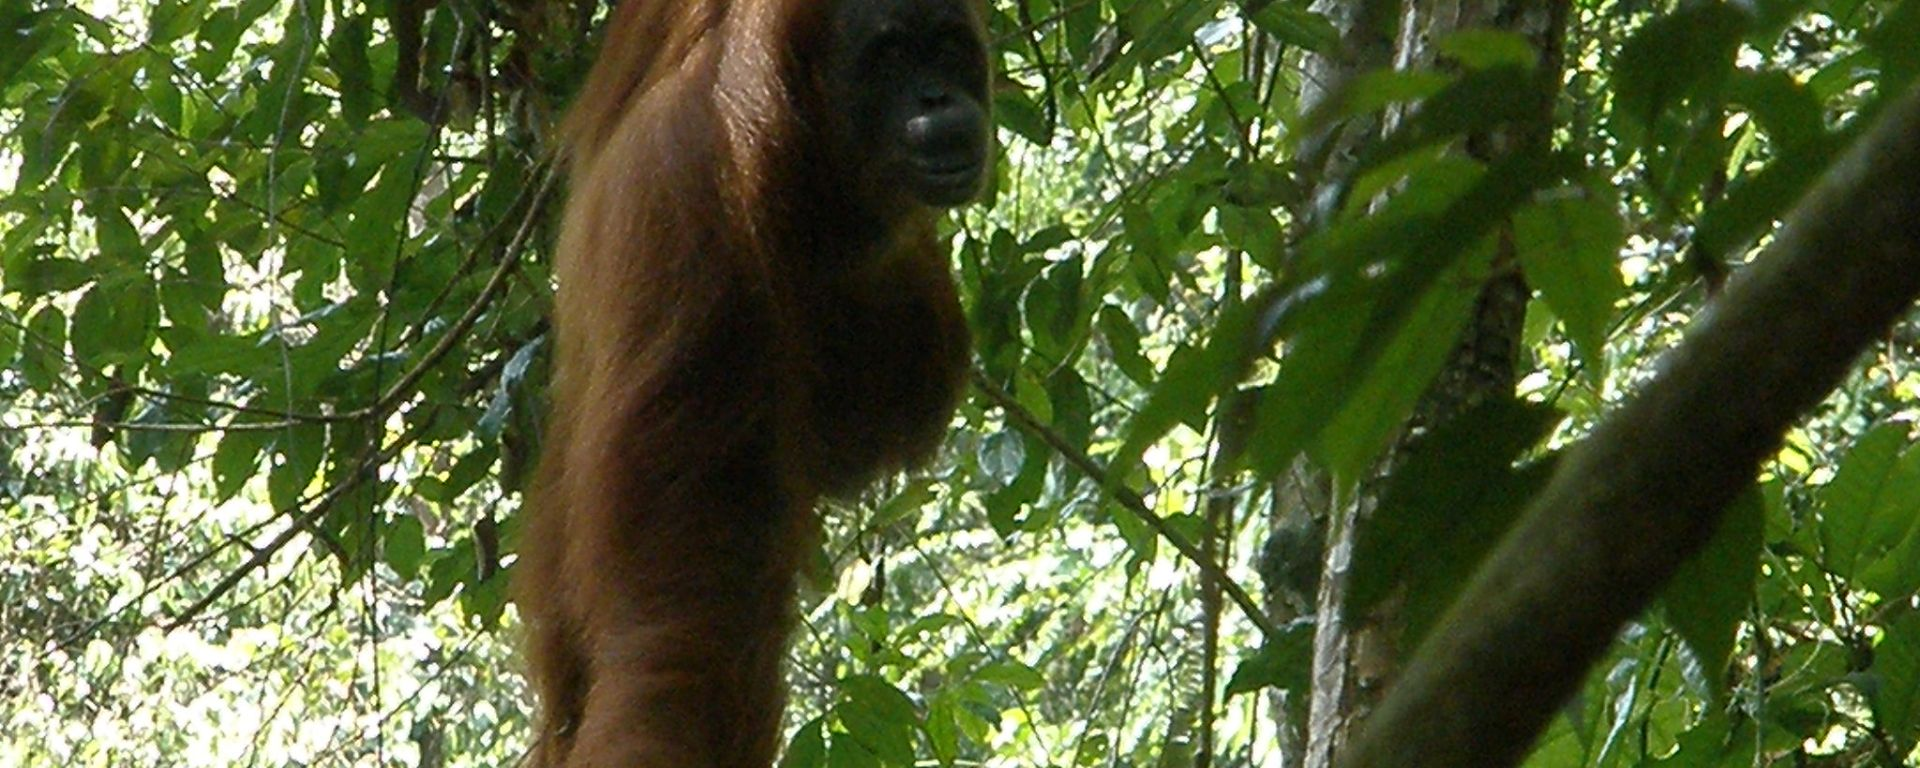 Orangutan, Bukit Lawang